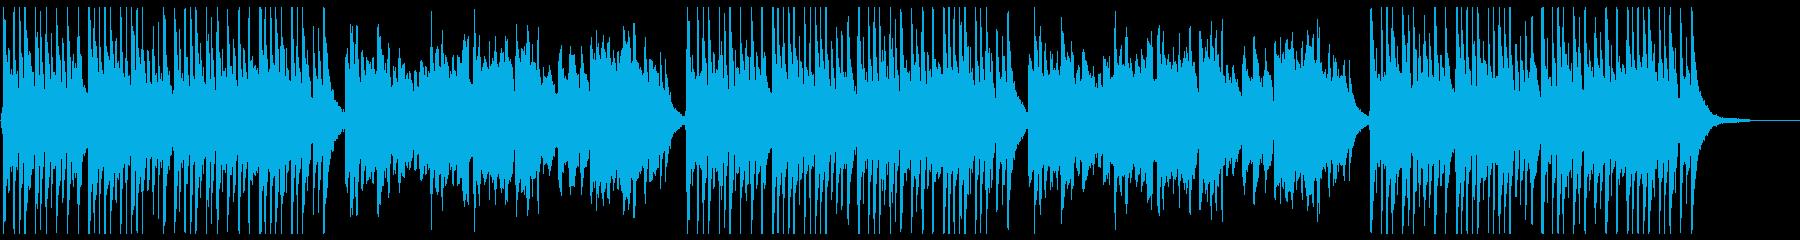 ハレの日に合う華やかで明るい和風曲の再生済みの波形